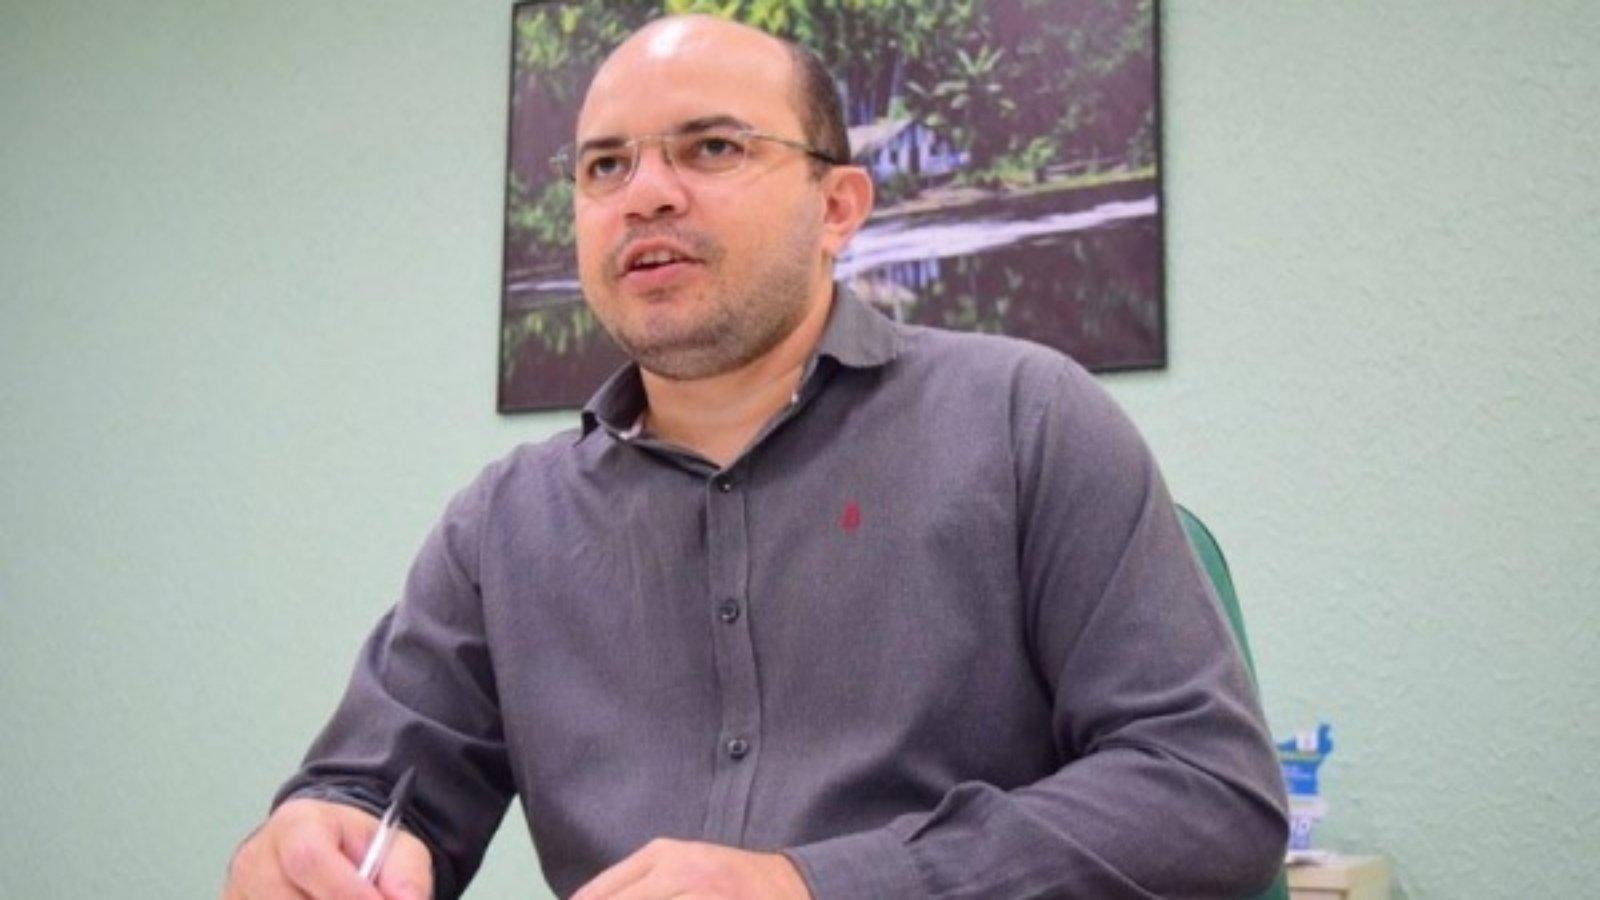 Gerente do Basa (Banco da Amazônia S.A), em Roraima, André Pereira (Foto: Diane Sampaio/FolhaBV)